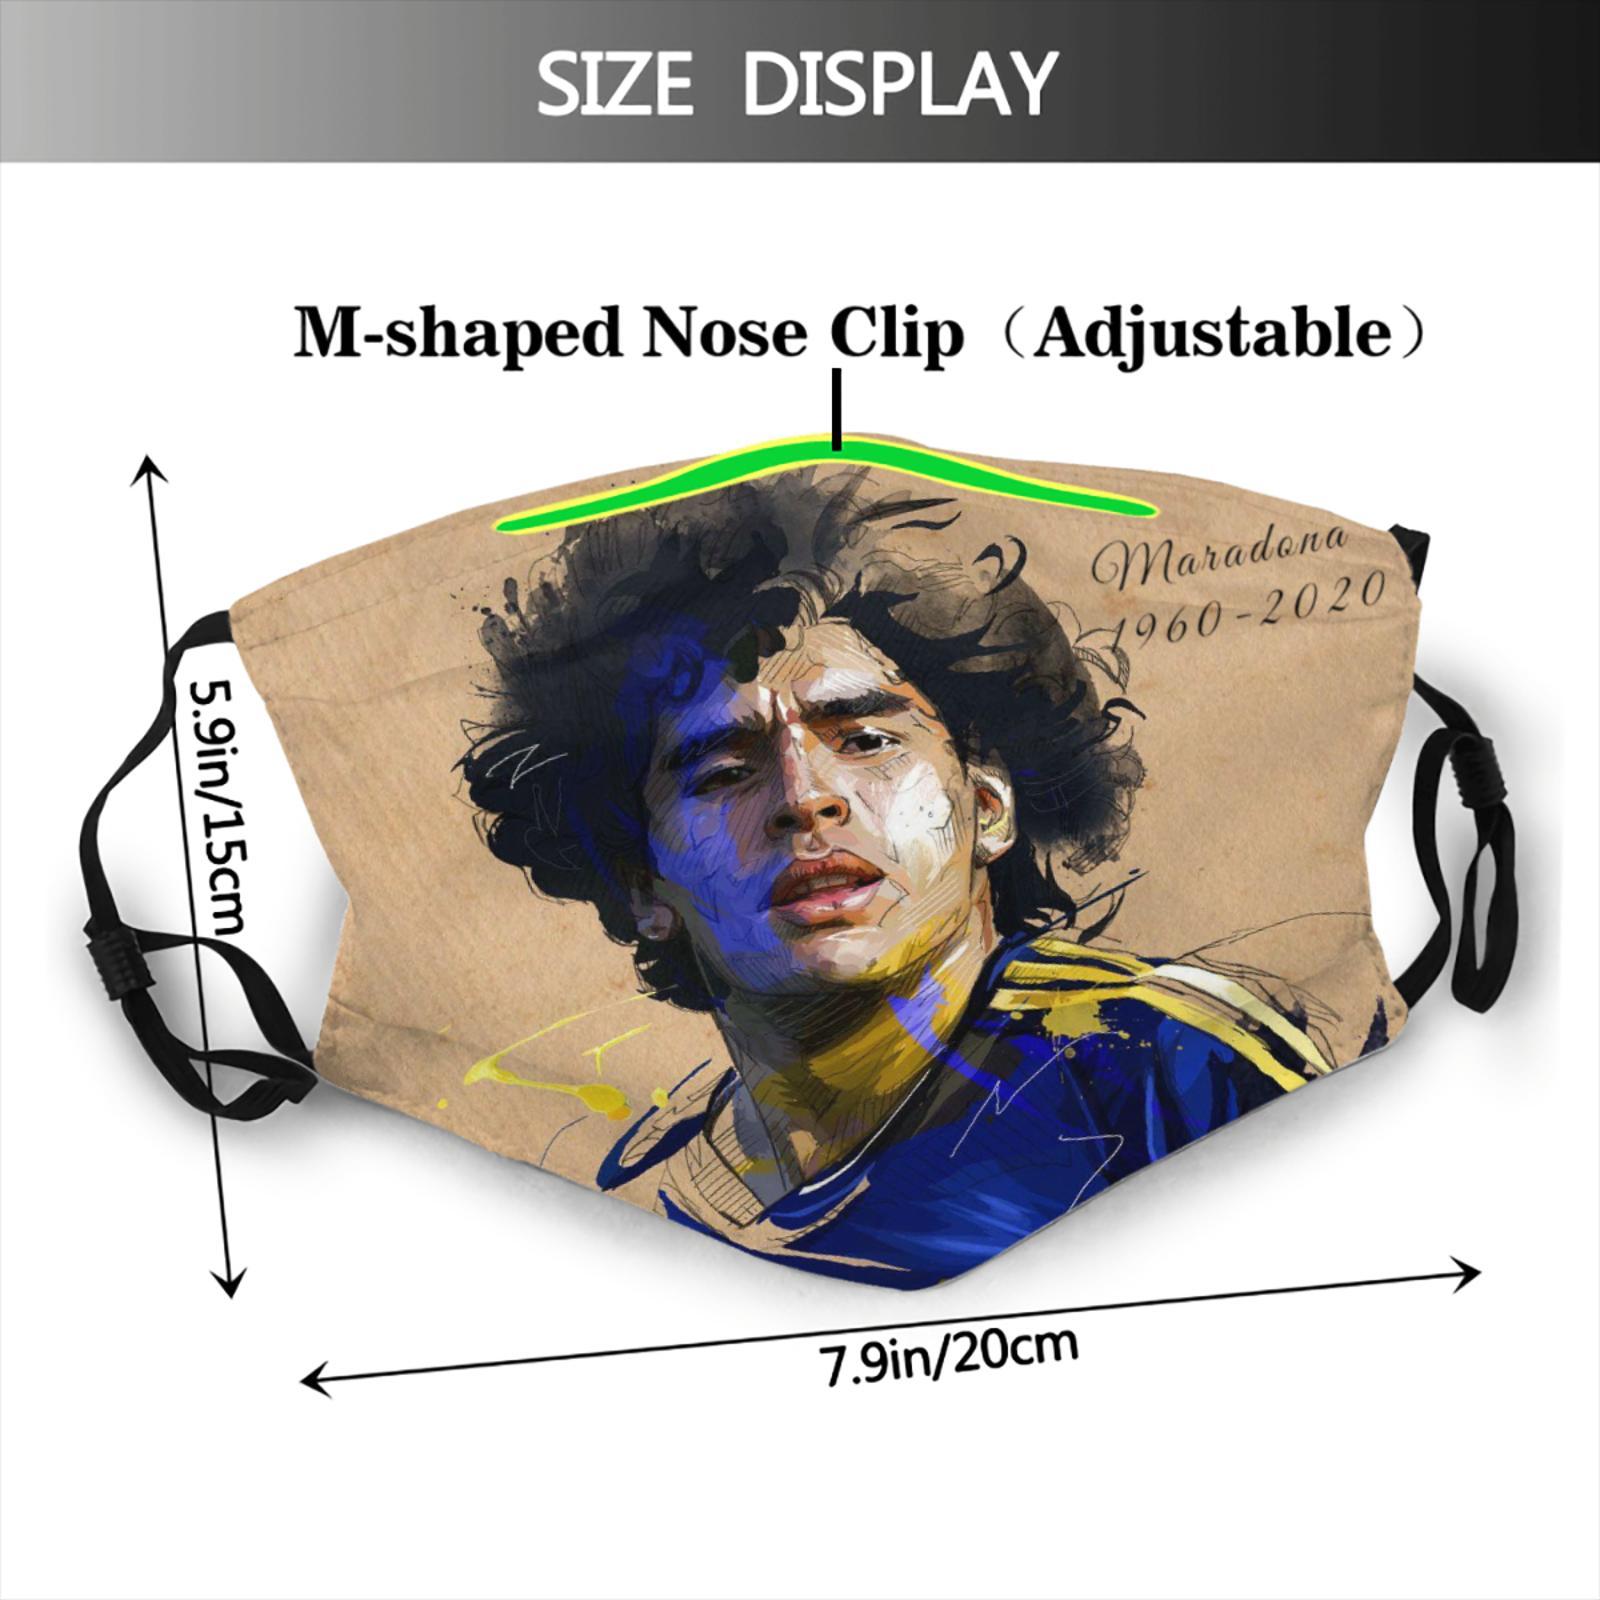 Маска для лица maradona Аргентинская, фильтр, дышащая, в стиле Харадзюку, Диего Армандо, Марадона, футбол, звезда, человек